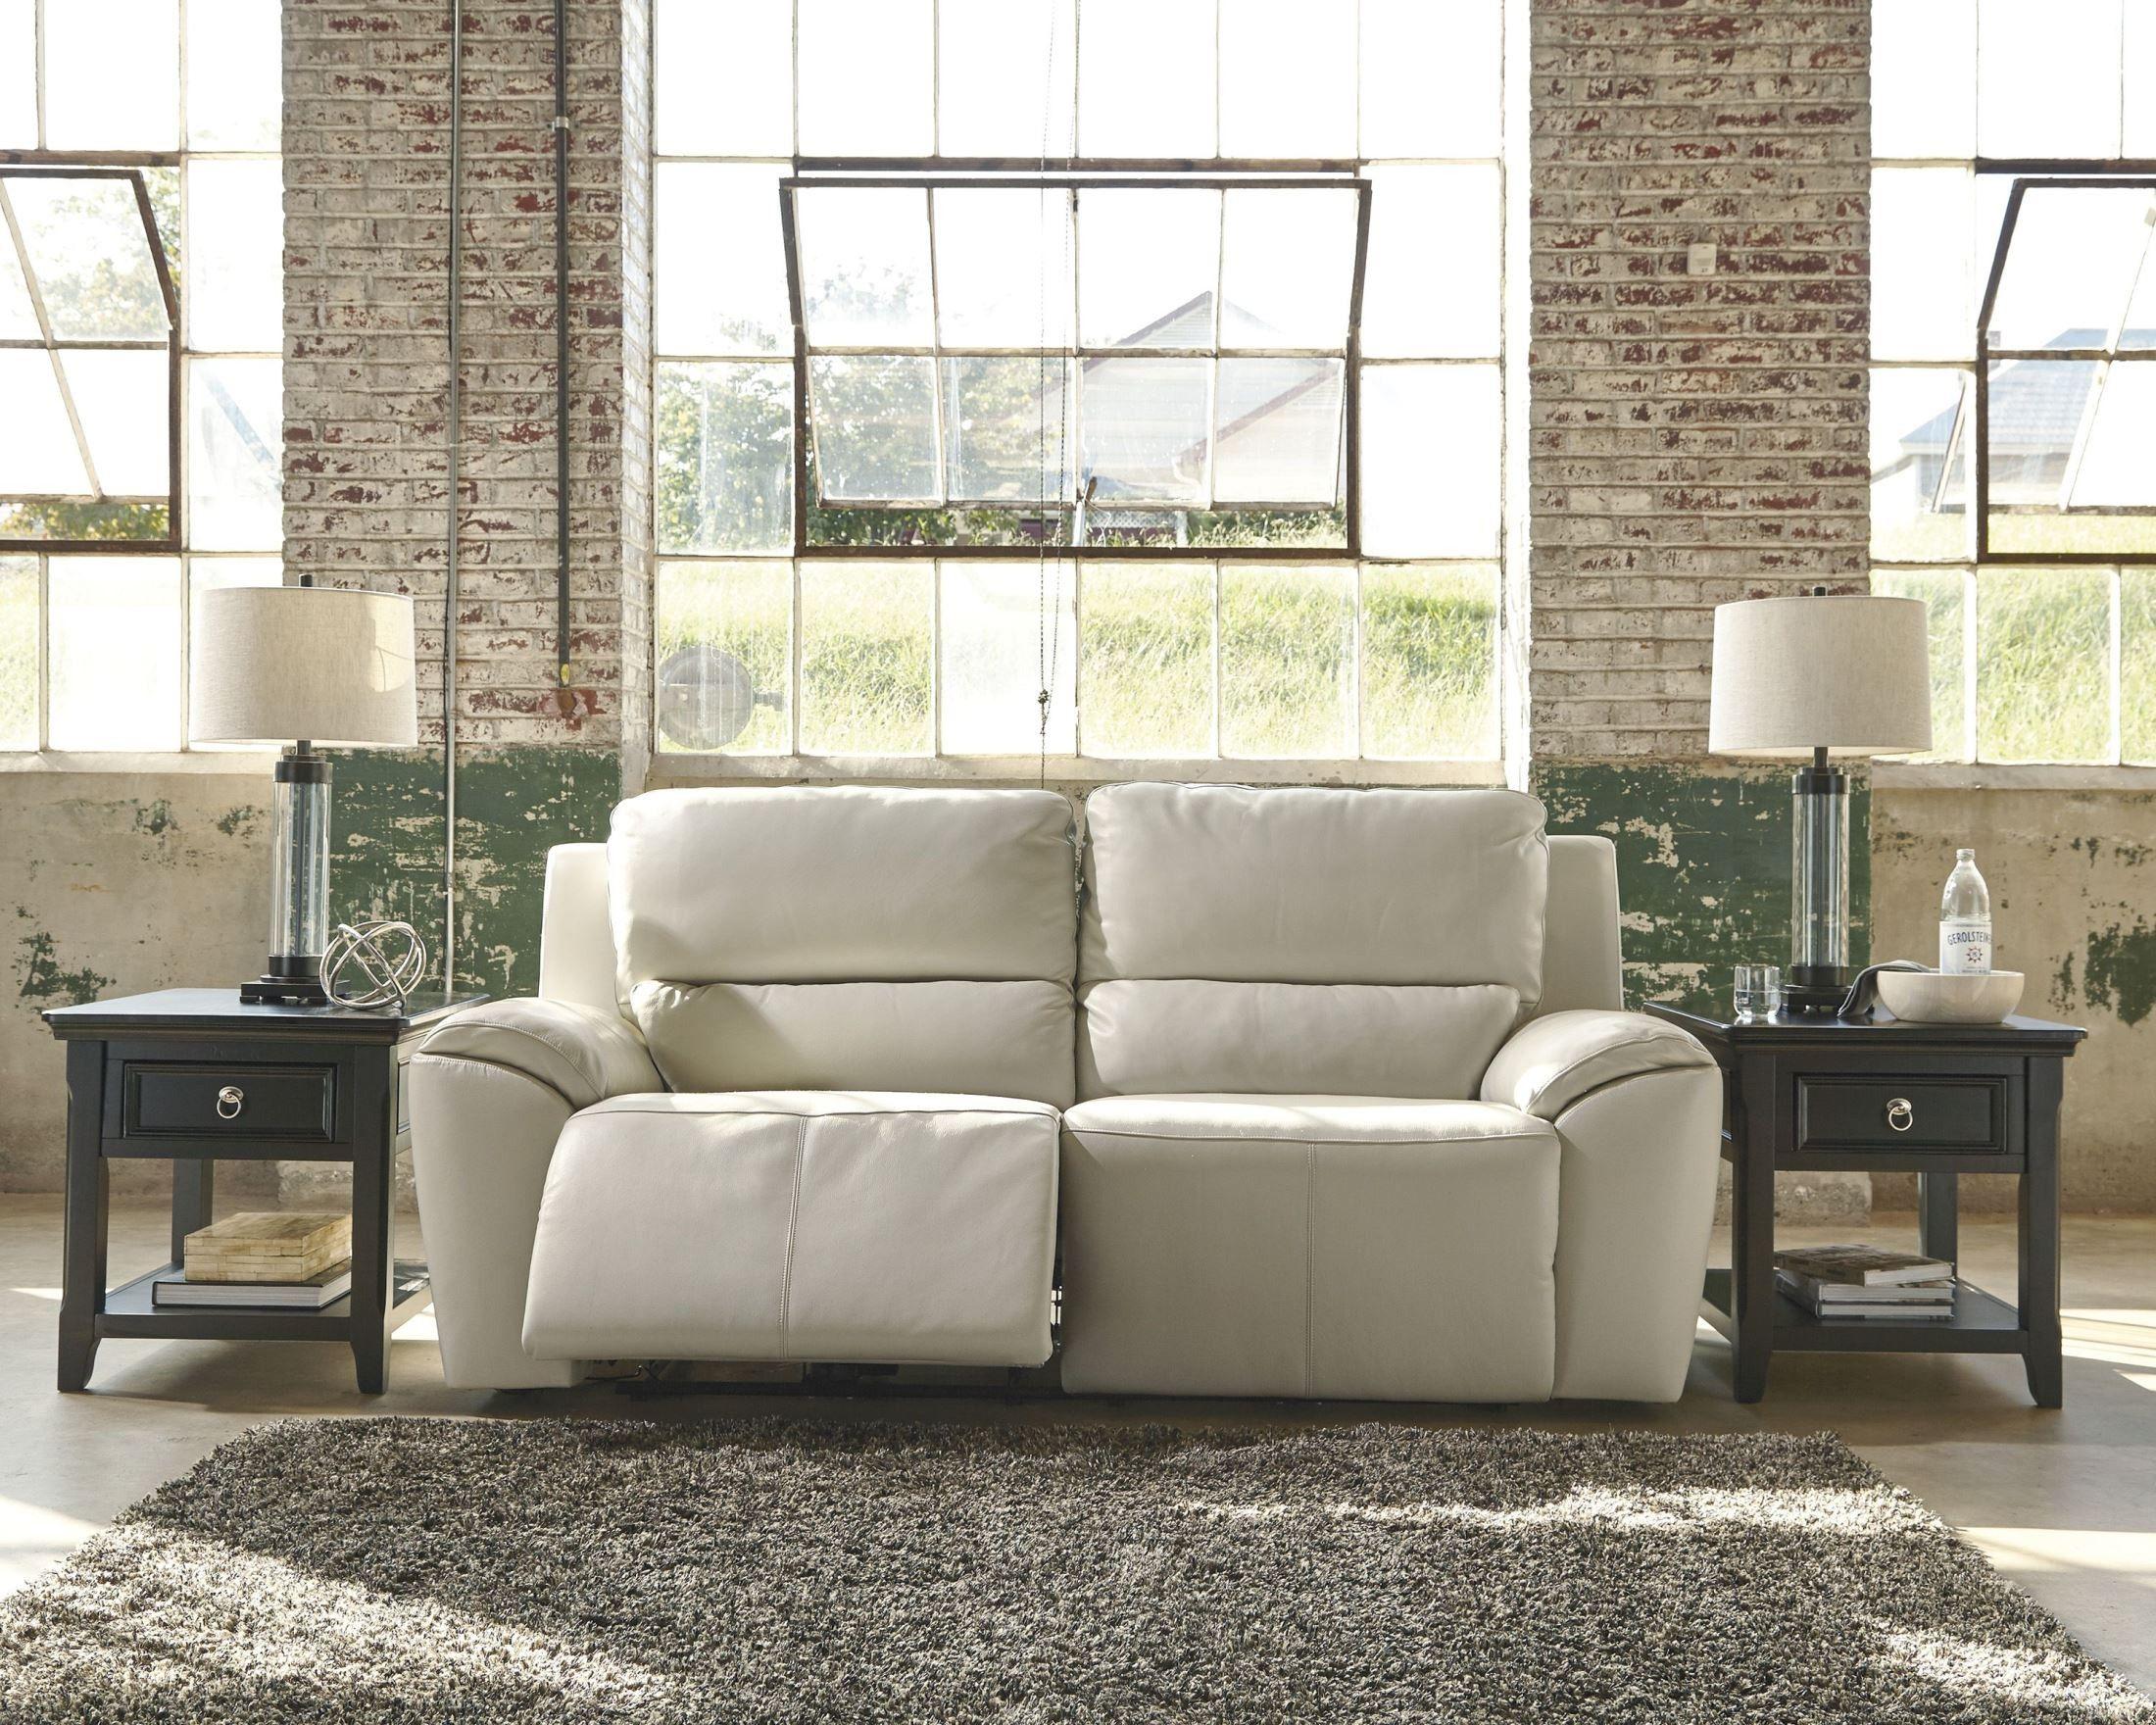 Innenarchitektur von schlafzimmermöbeln grüne couch sofa welt lila sofa blau leder sofa leder chesterfield